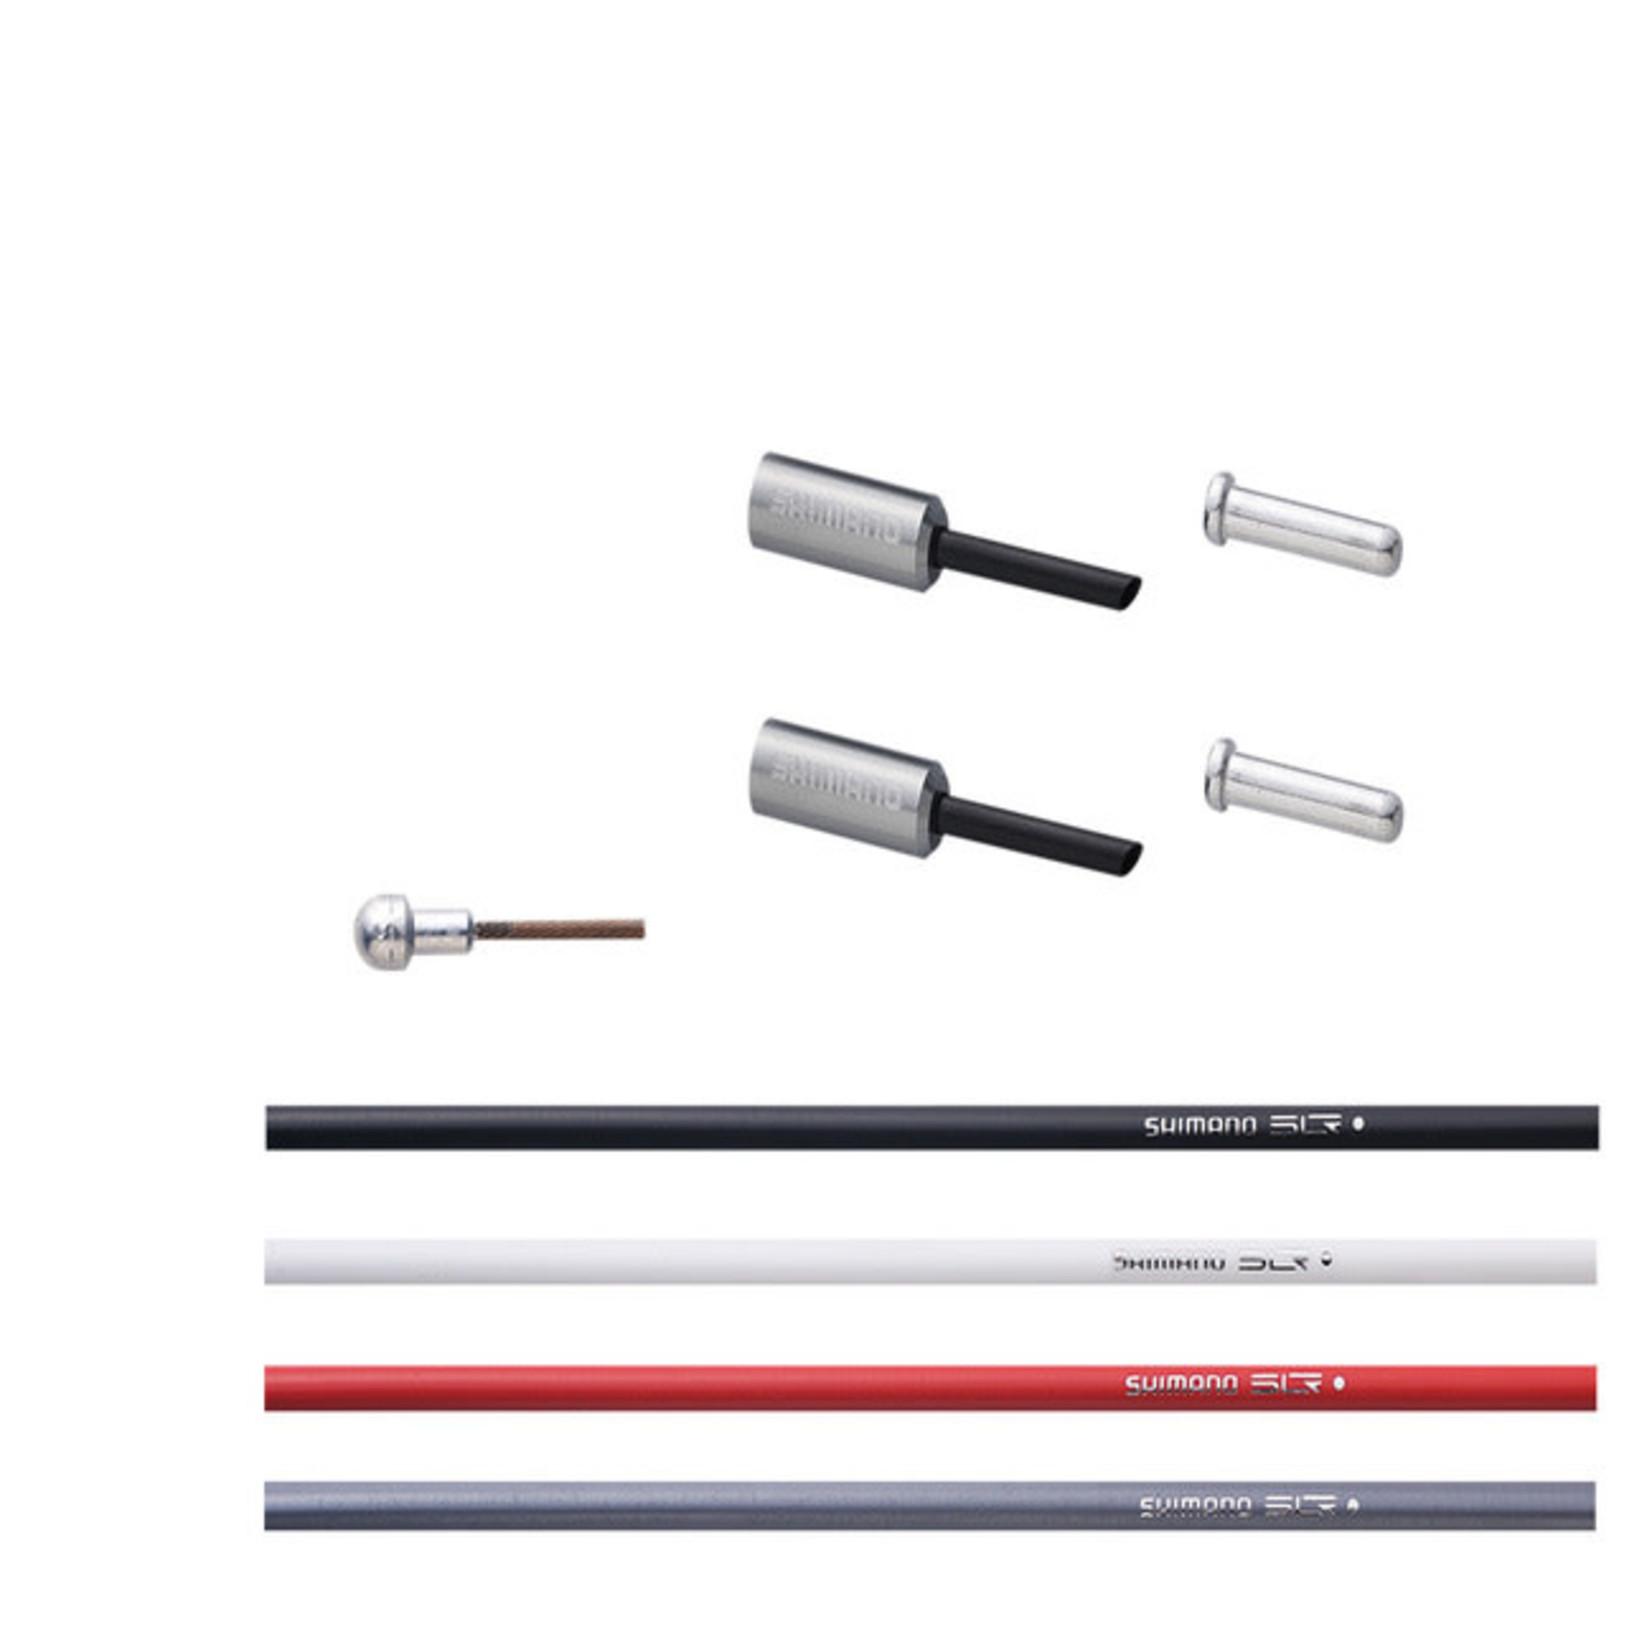 Shimano BC-9000 ROAD POLYMER BRAKE CABLE SET- YELLOW